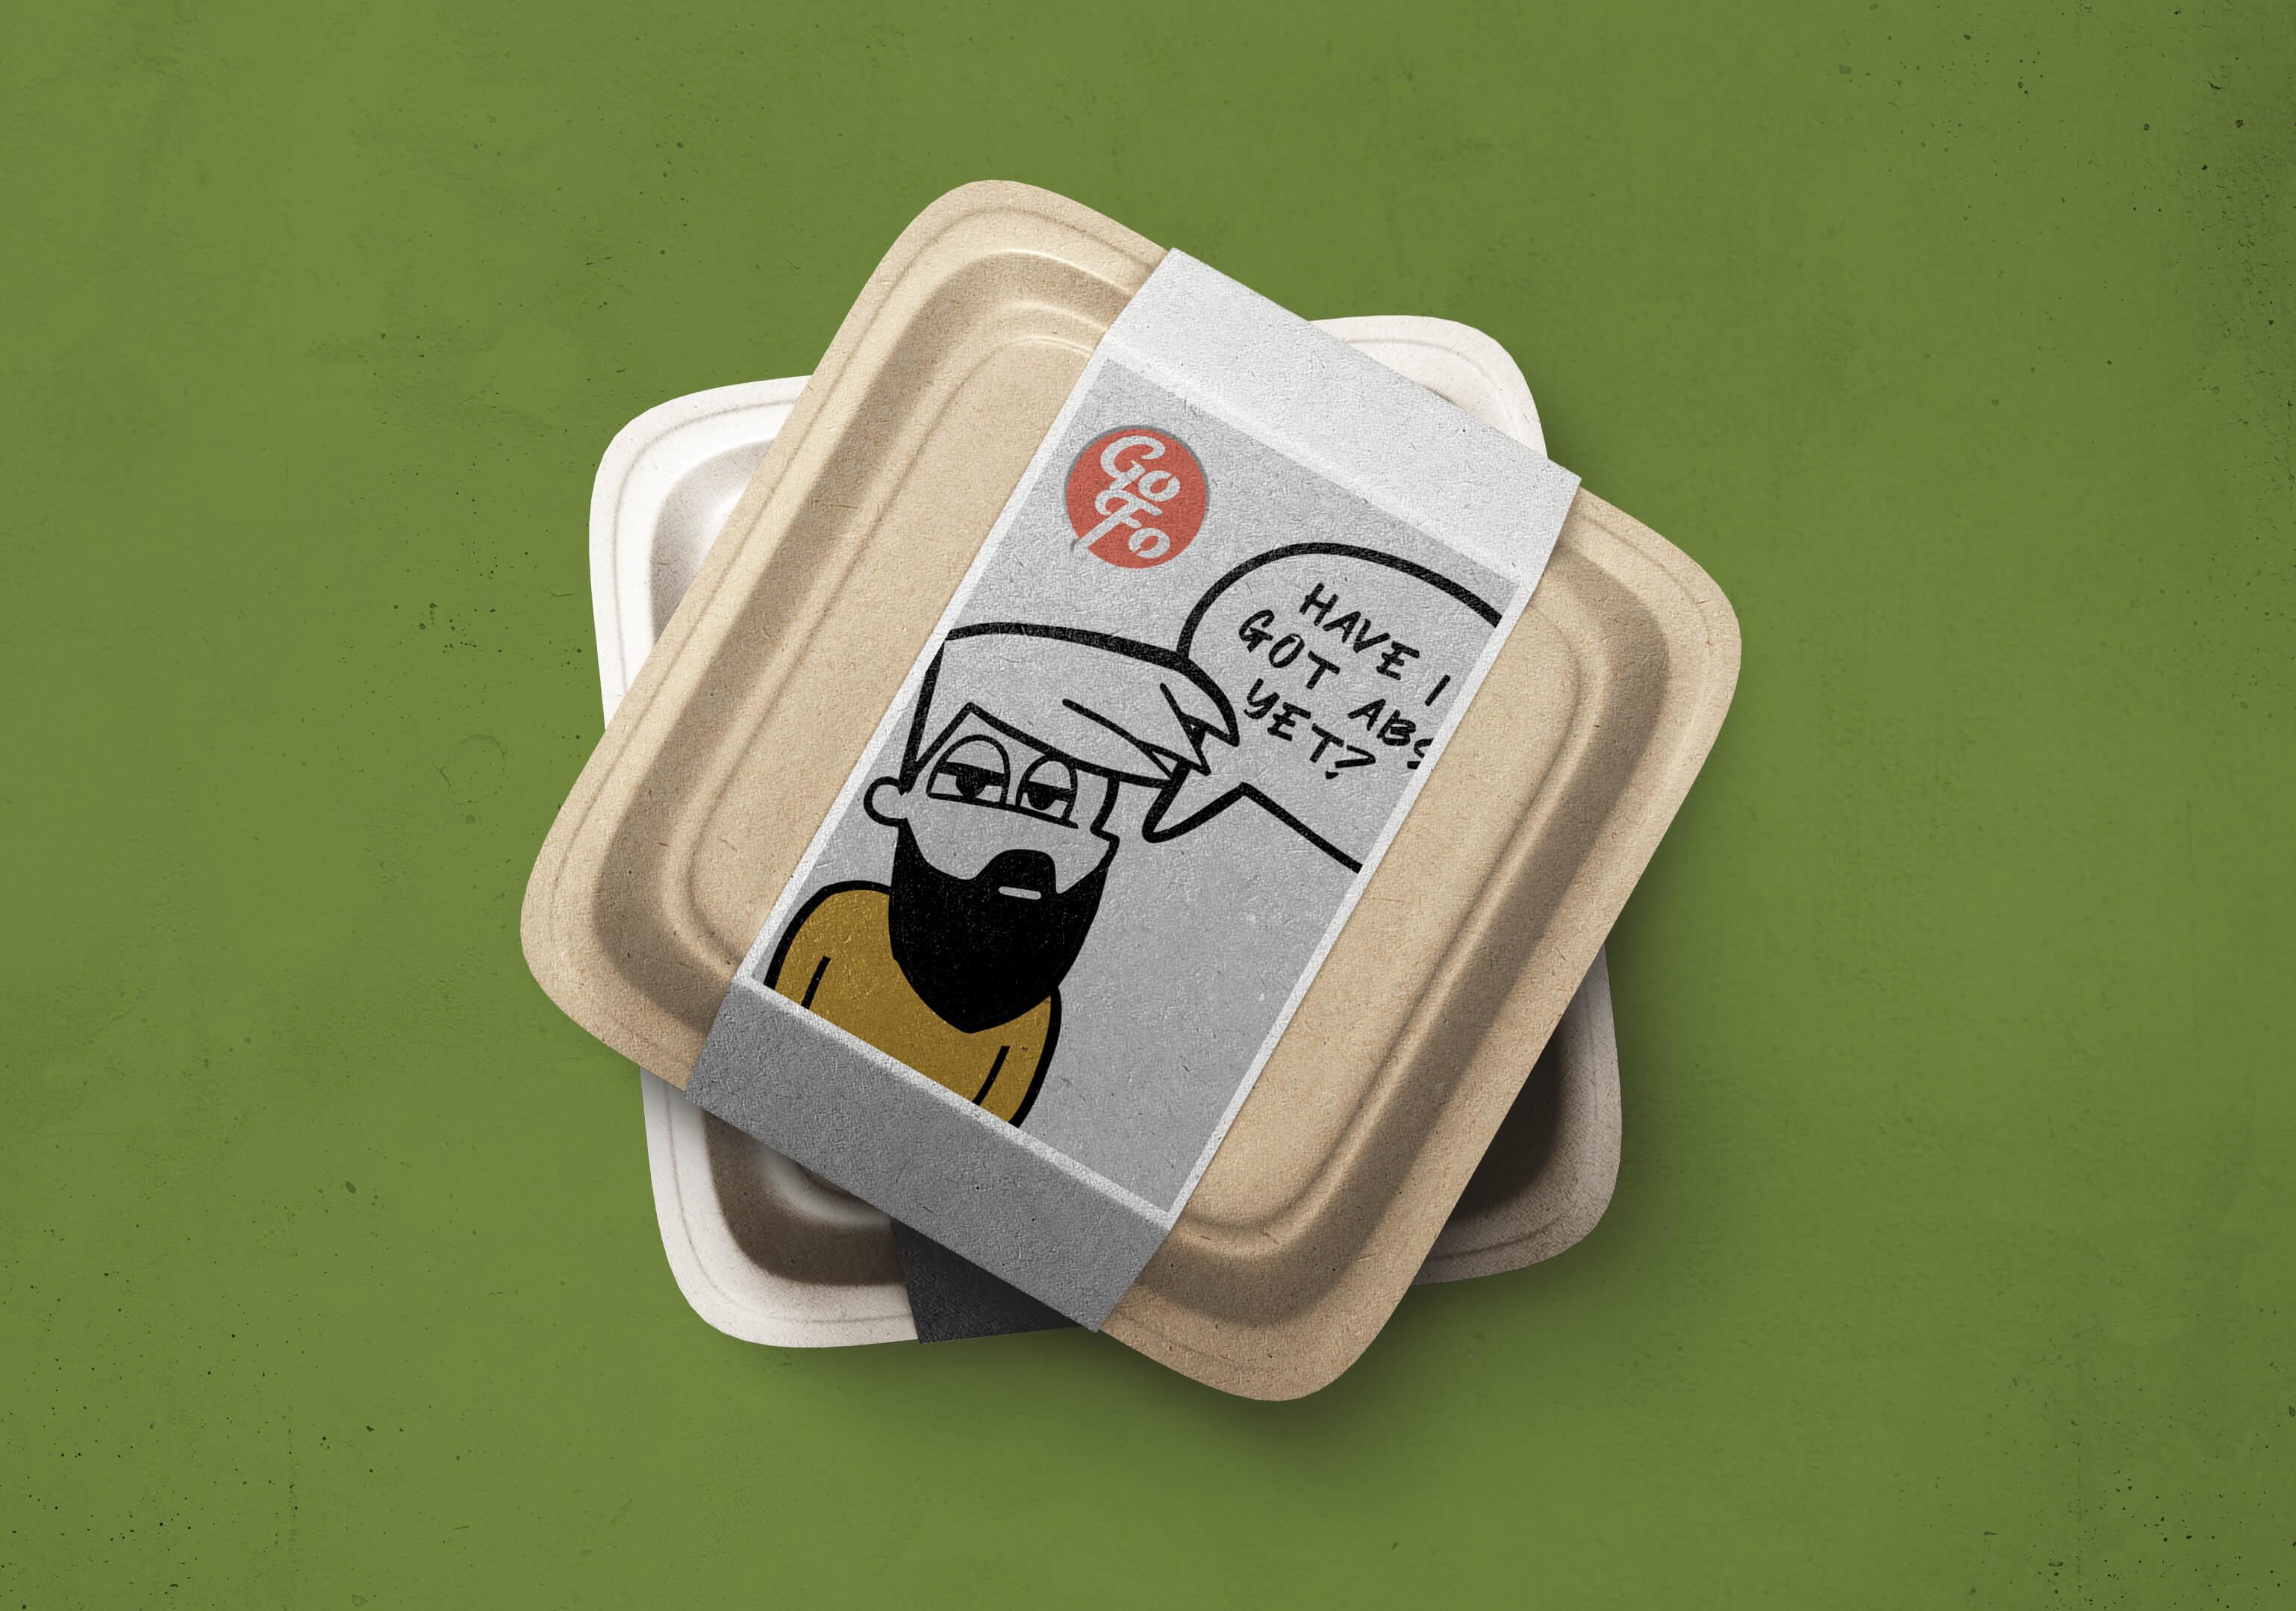 Go Foods Foodtruck Salad Box